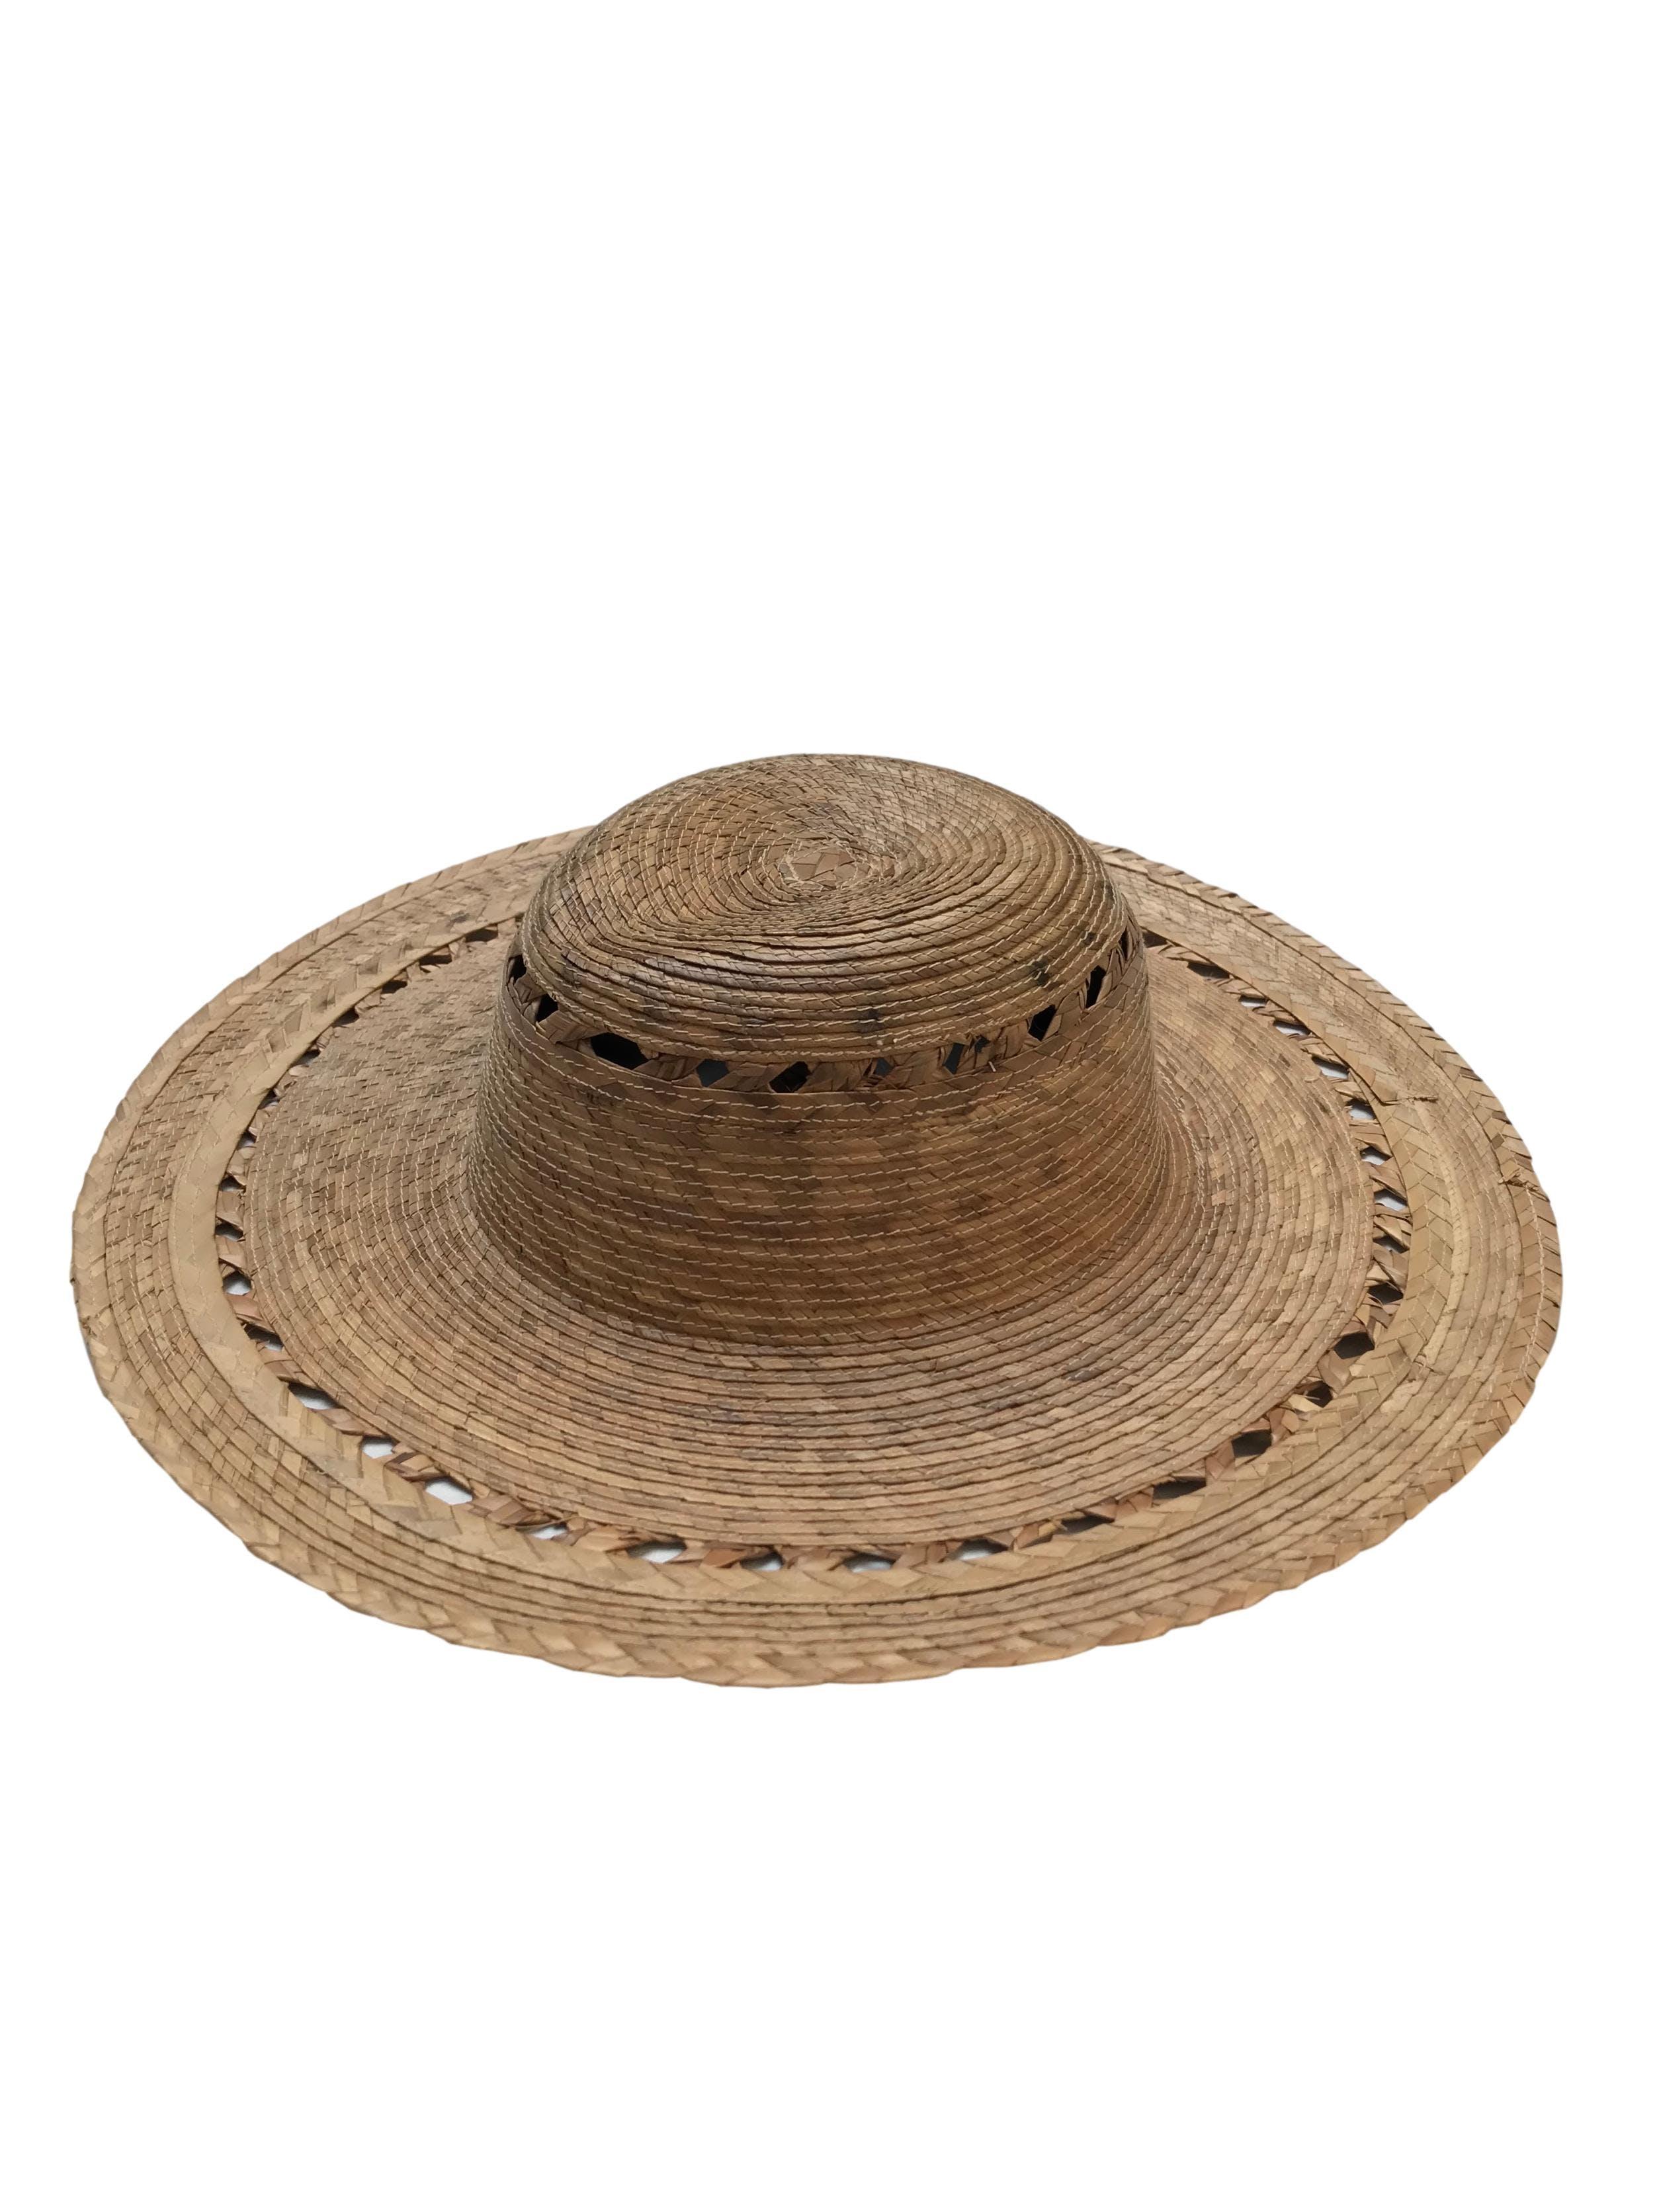 Sombrero de paja de ala ancha. Circunferencia 40cm Cabeza 19cm